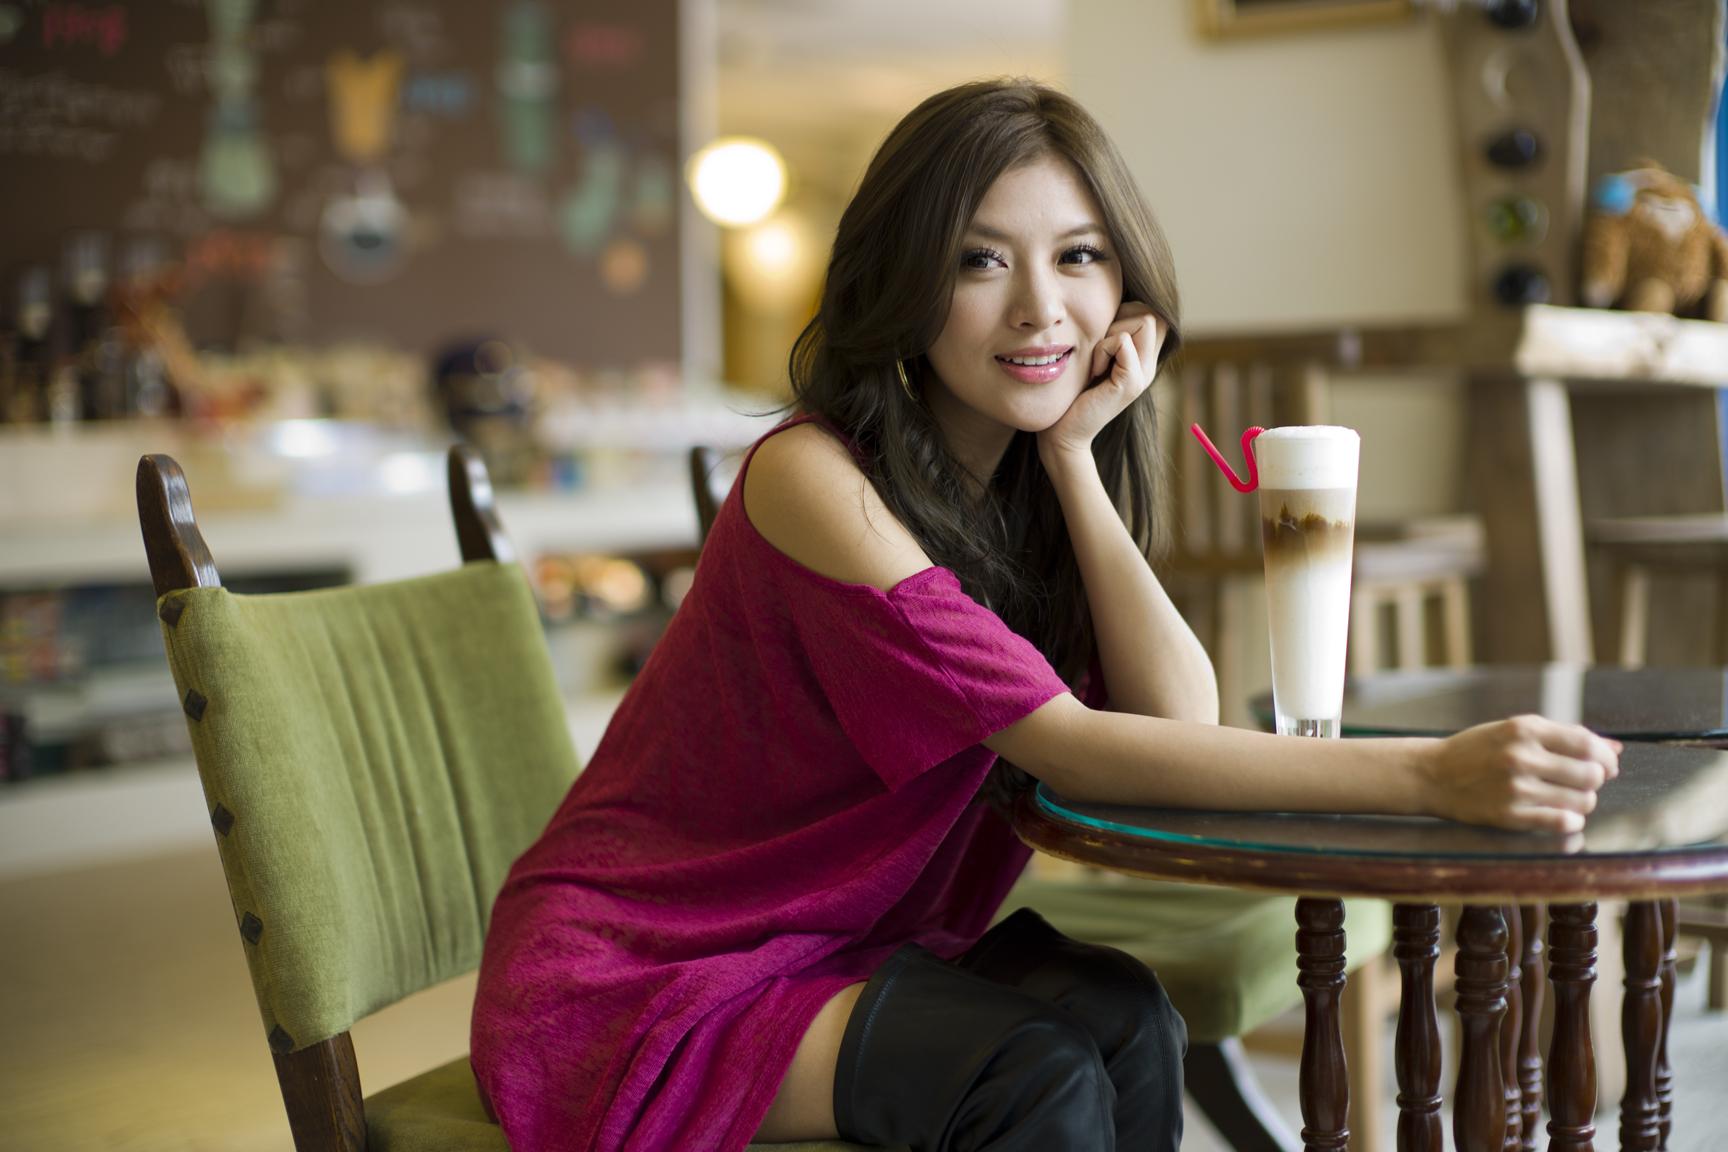 最近の台湾人女性。。。ぐうかわすぎて嫁にしたいンゴwwwwwwww(画像あり)・17枚目の画像